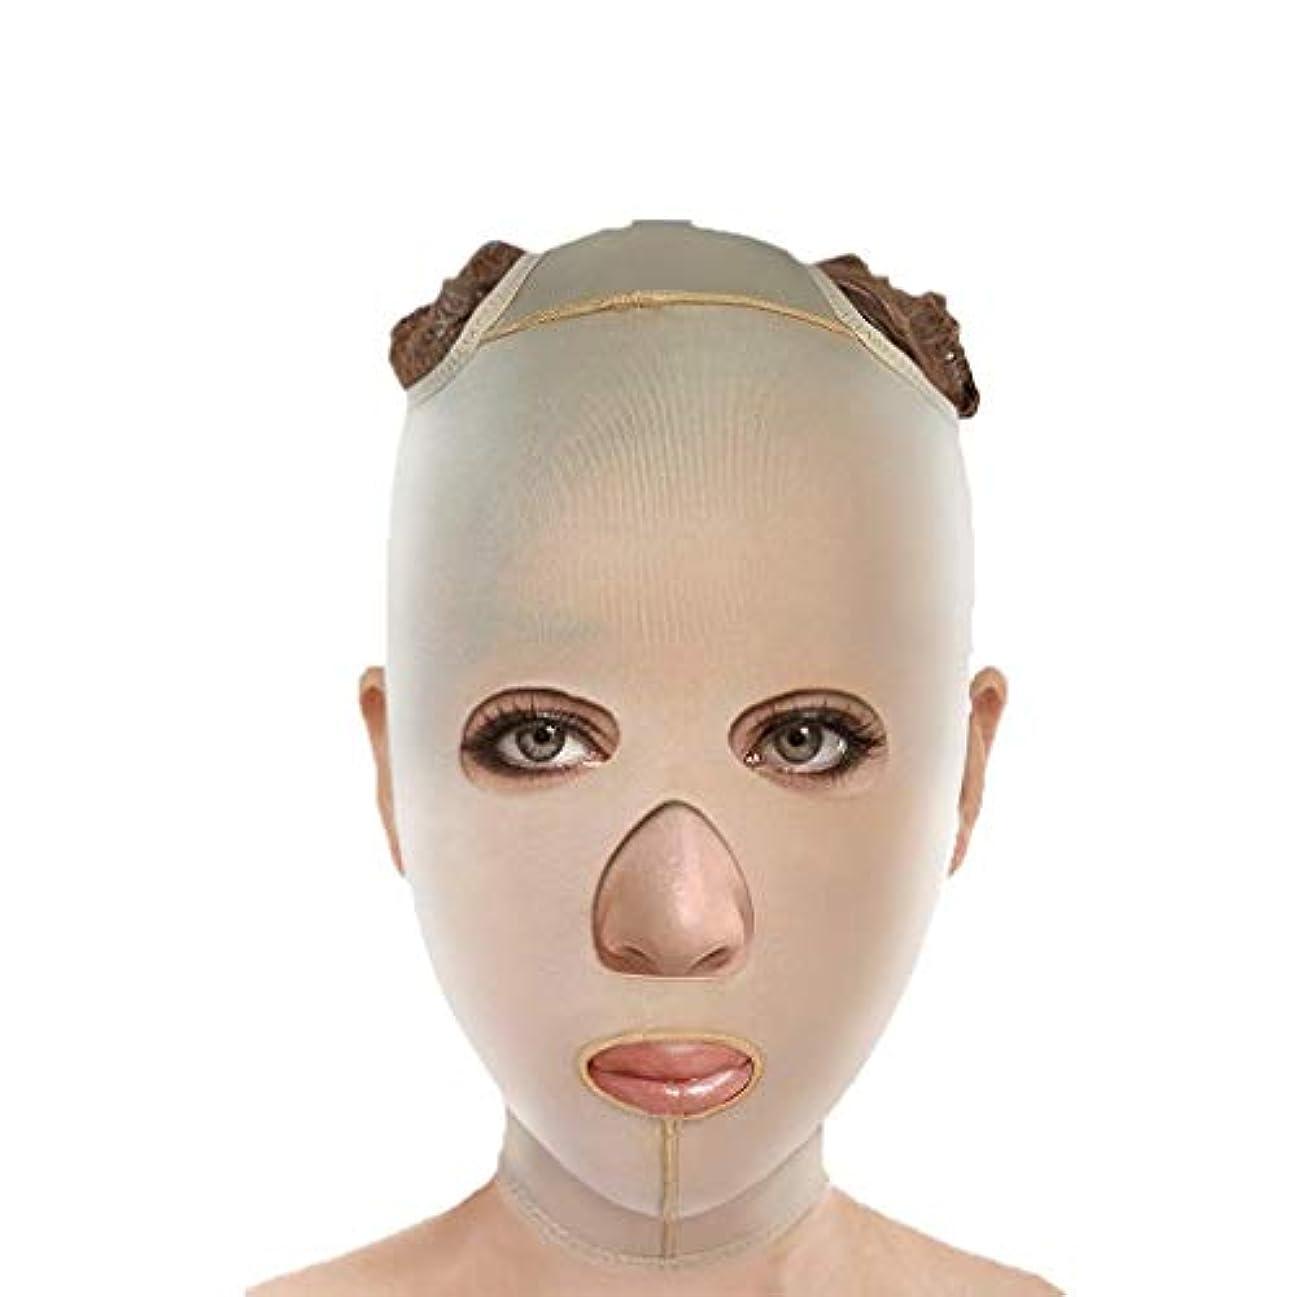 ドキドキ行う世代チンストラップ、フェイスリフティング、アンチエイジングフェイシャル包帯、フェイシャル減量マスク、ファーミングマスク、フェイシャルリフティングアーティファクト(サイズ:S),XL